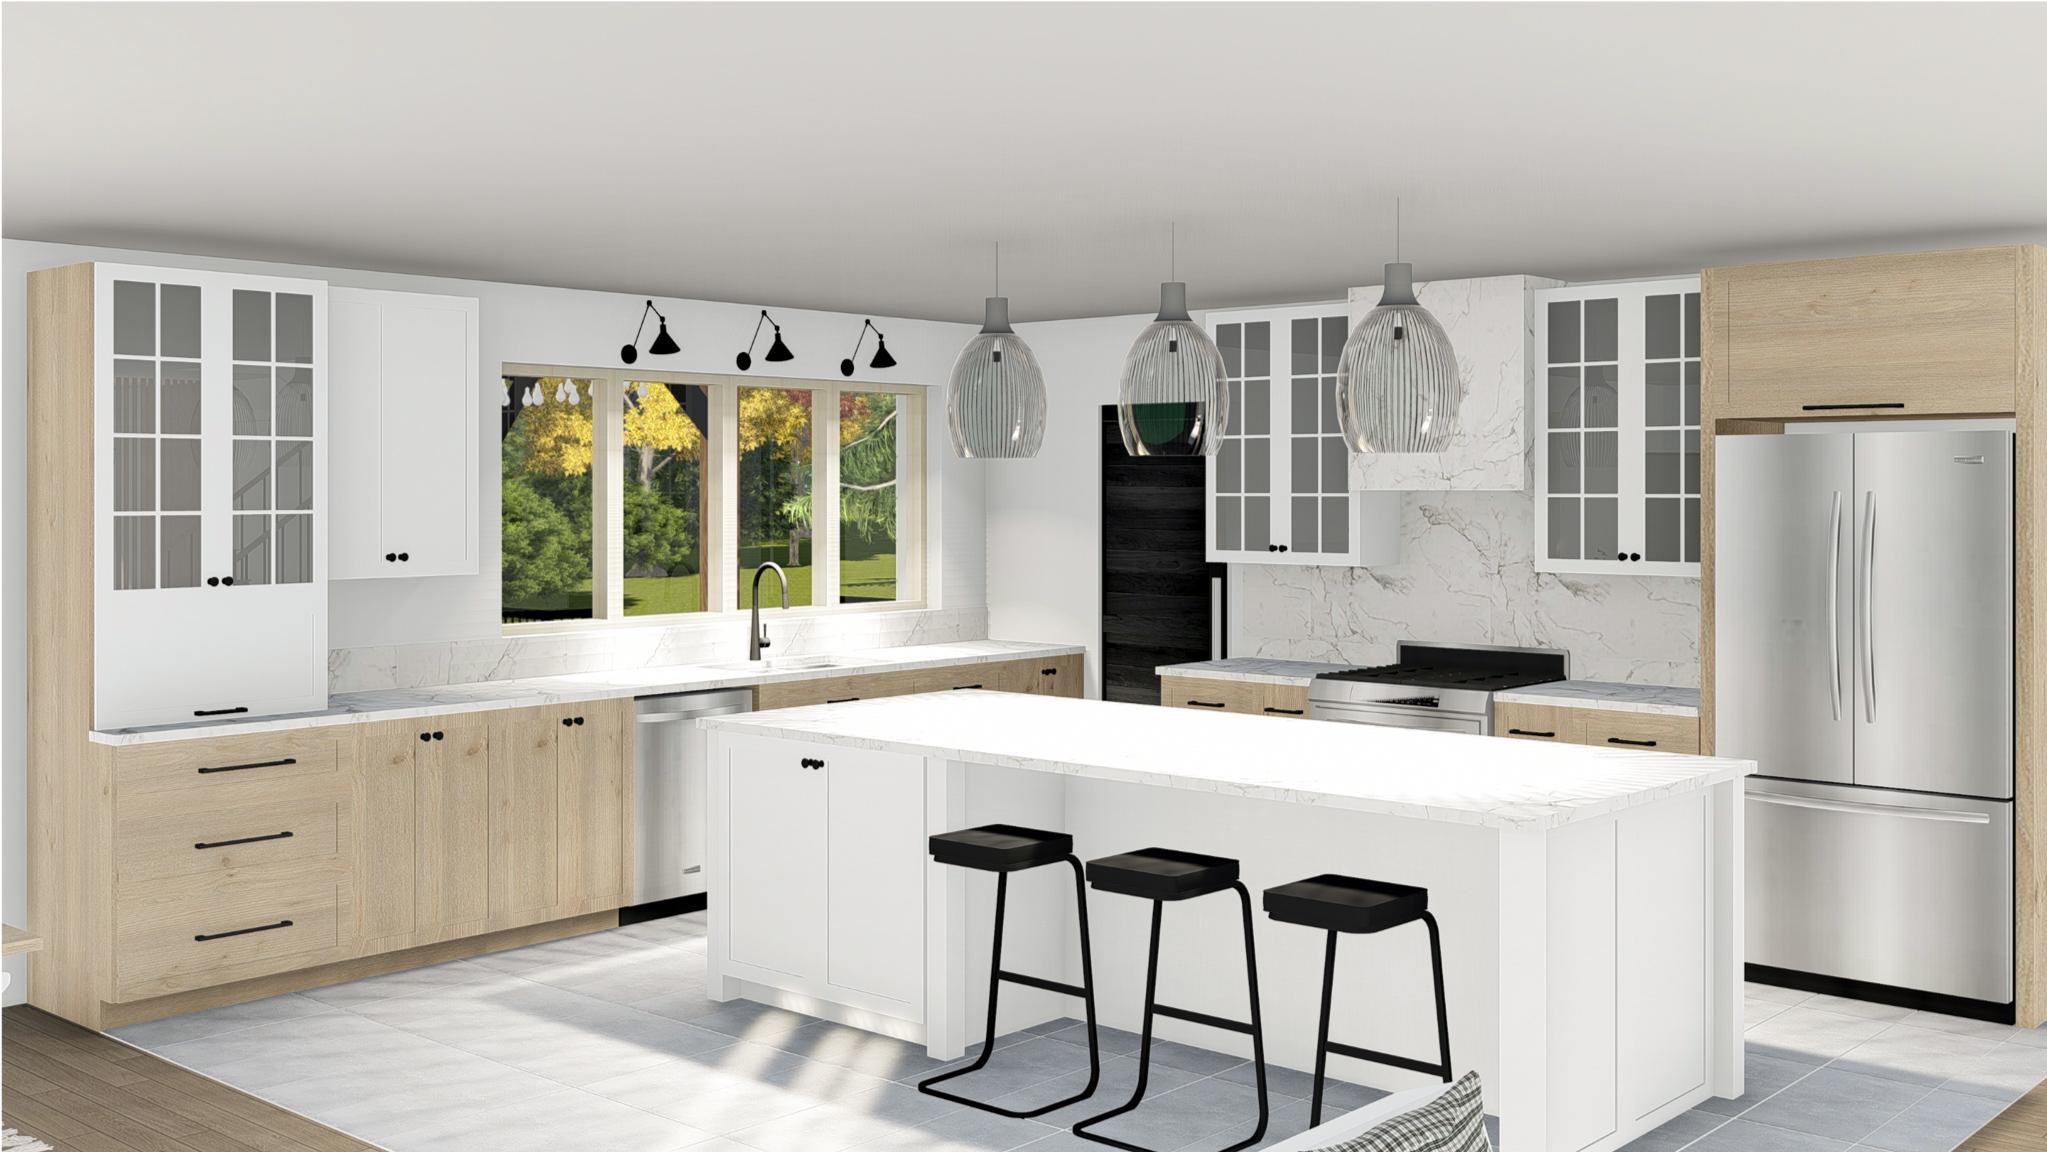 Réalisation Le cottage cuisine -modélisation 3D Struktura